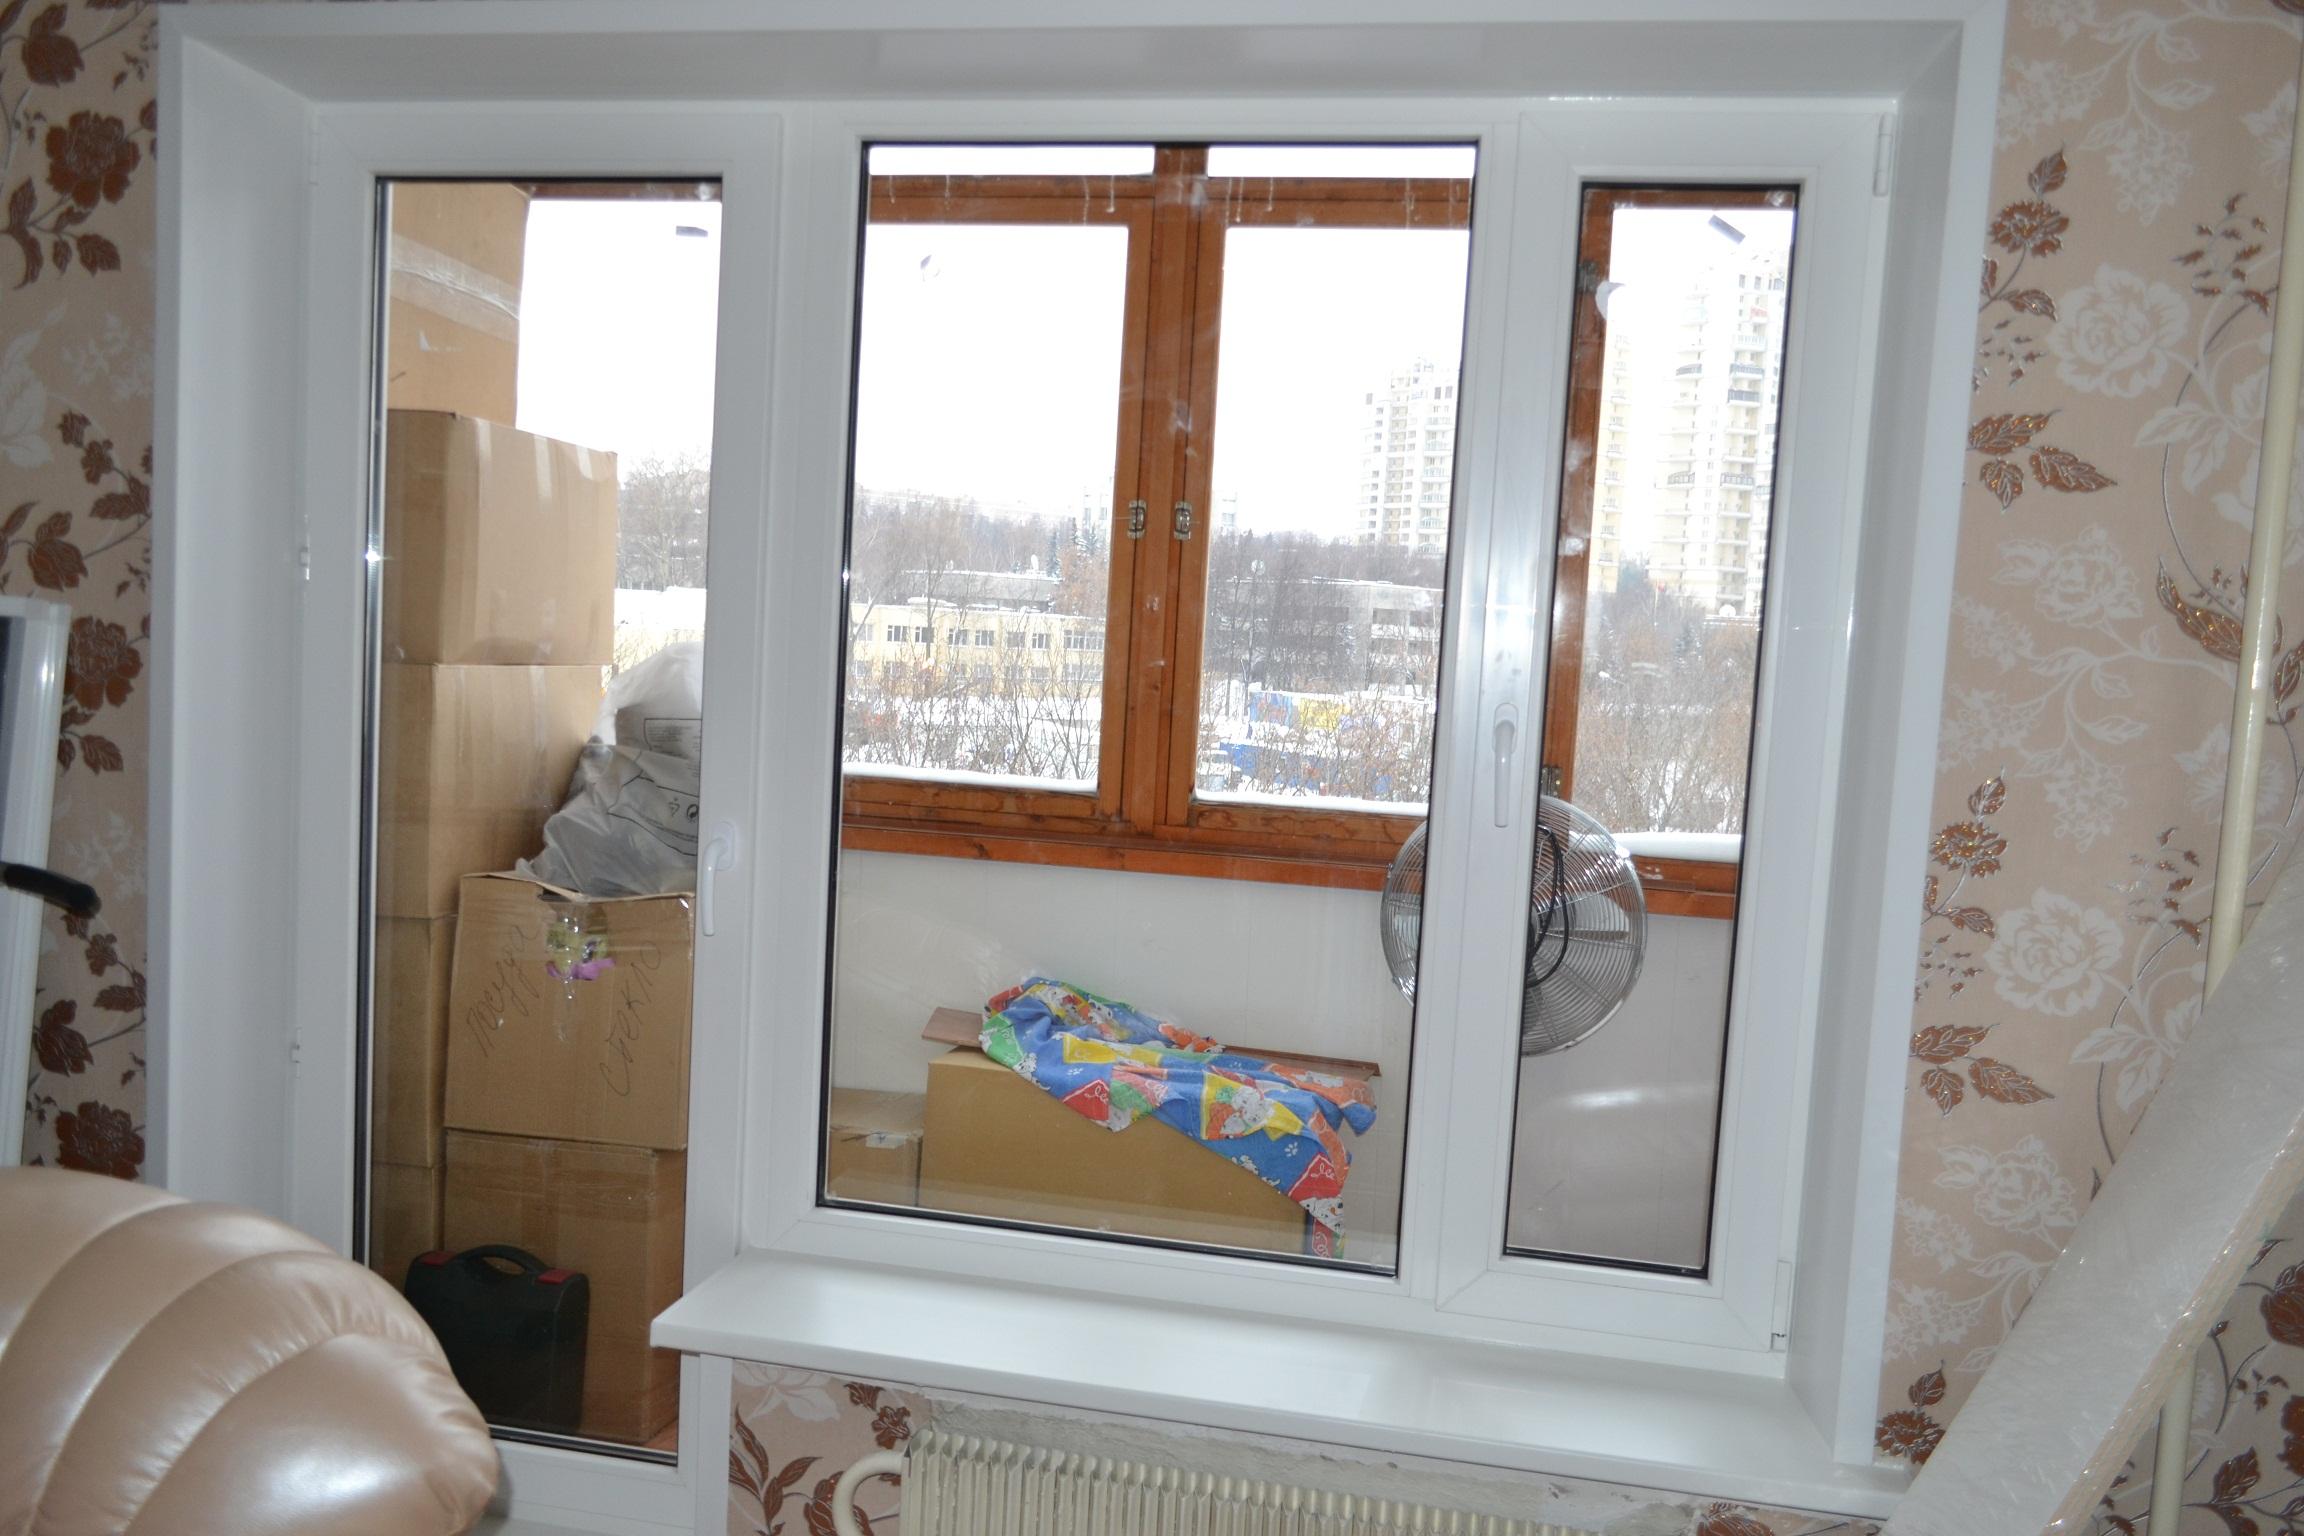 Москва: окна рехау - лоджии,балконы, цена 0 р., объявления д.